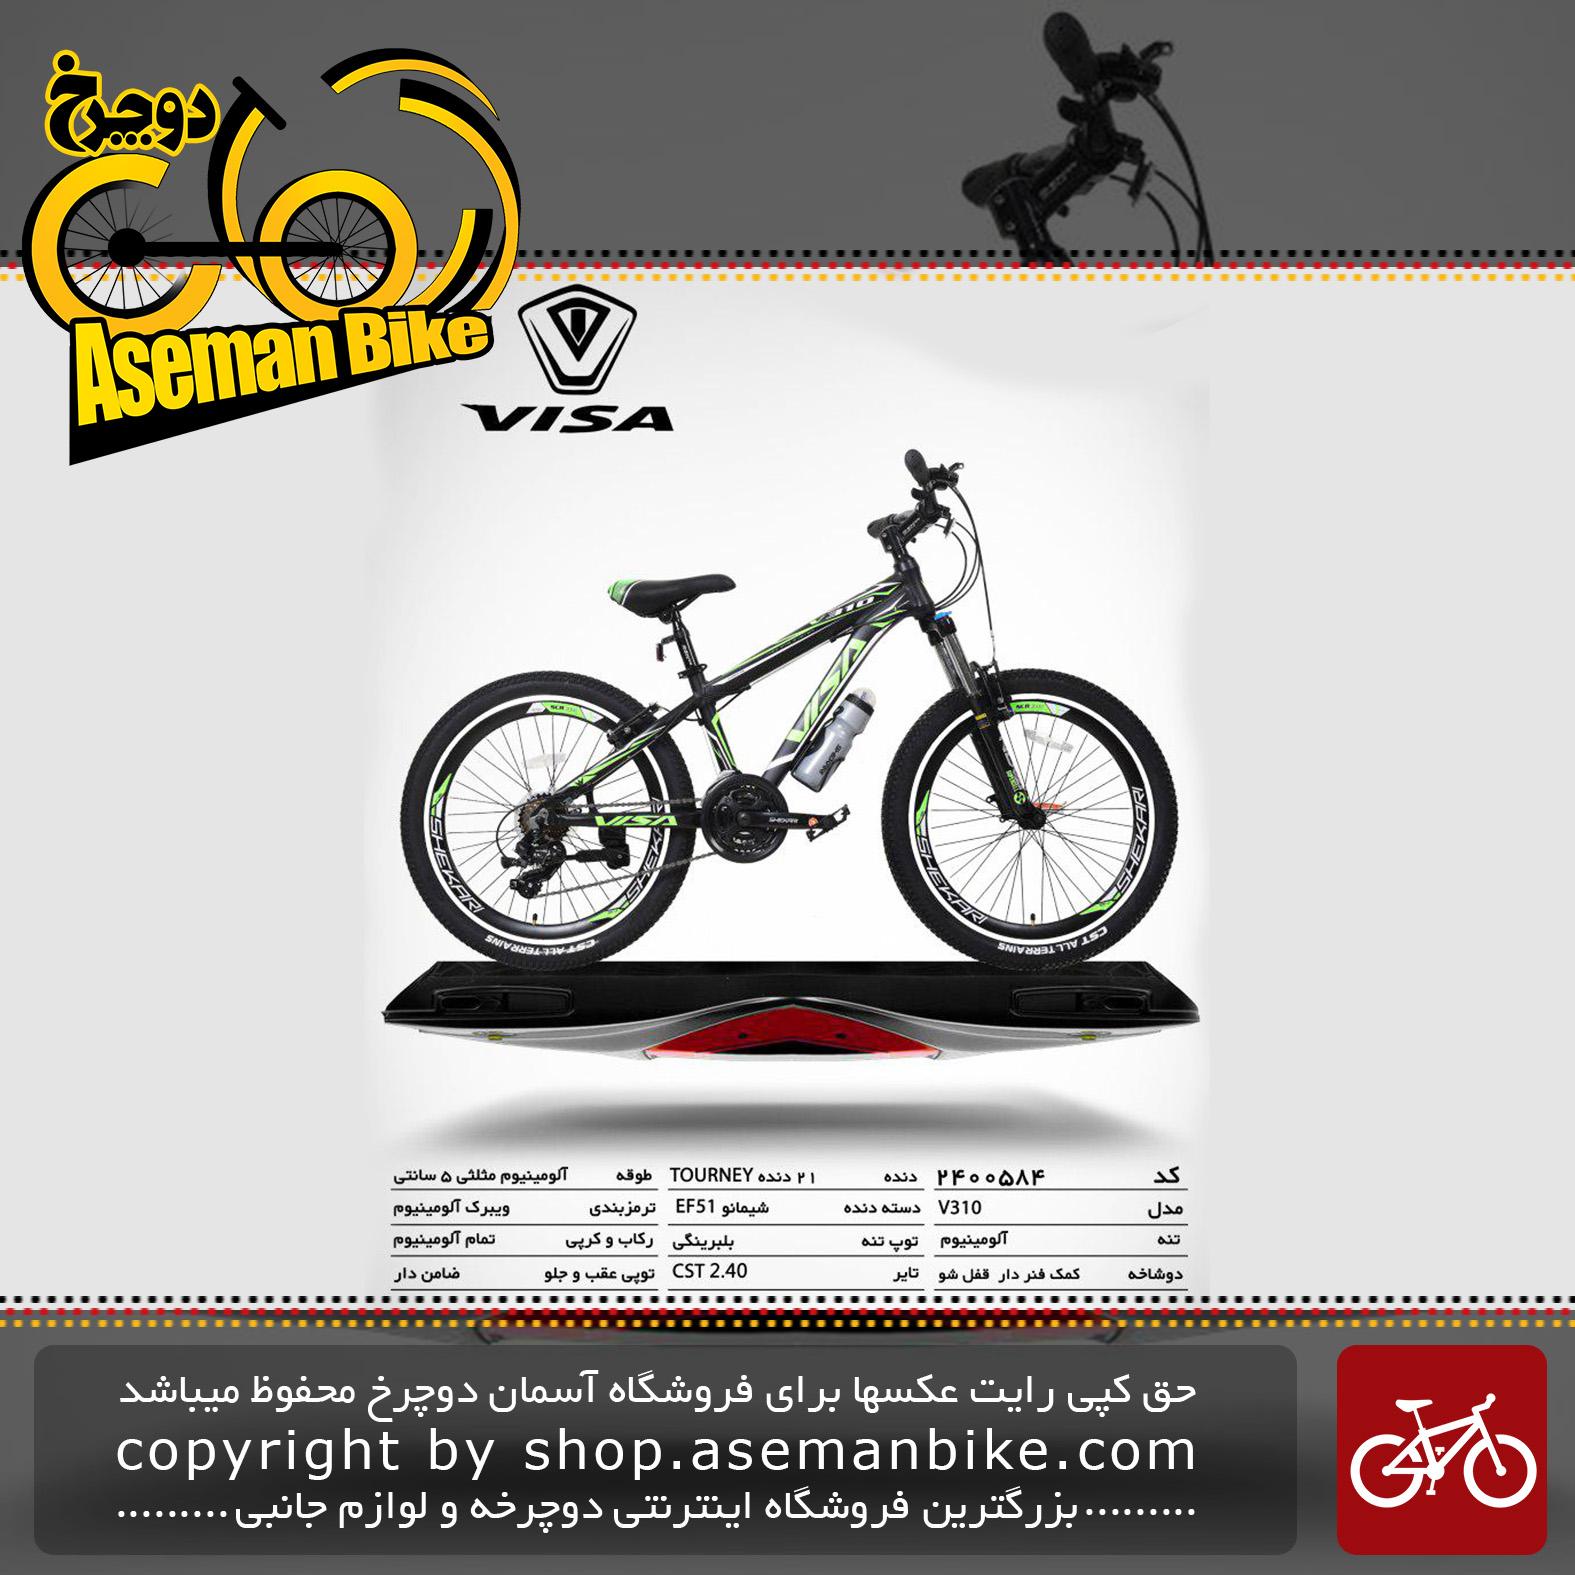 دوچرخه کوهستان ویزا21 دنده شیمانو تورنی تنه آلومینیوم سایز 24مدل وی310 visa bicycle 24 21 speed shimano tourney tz aluminum vb v310 2019